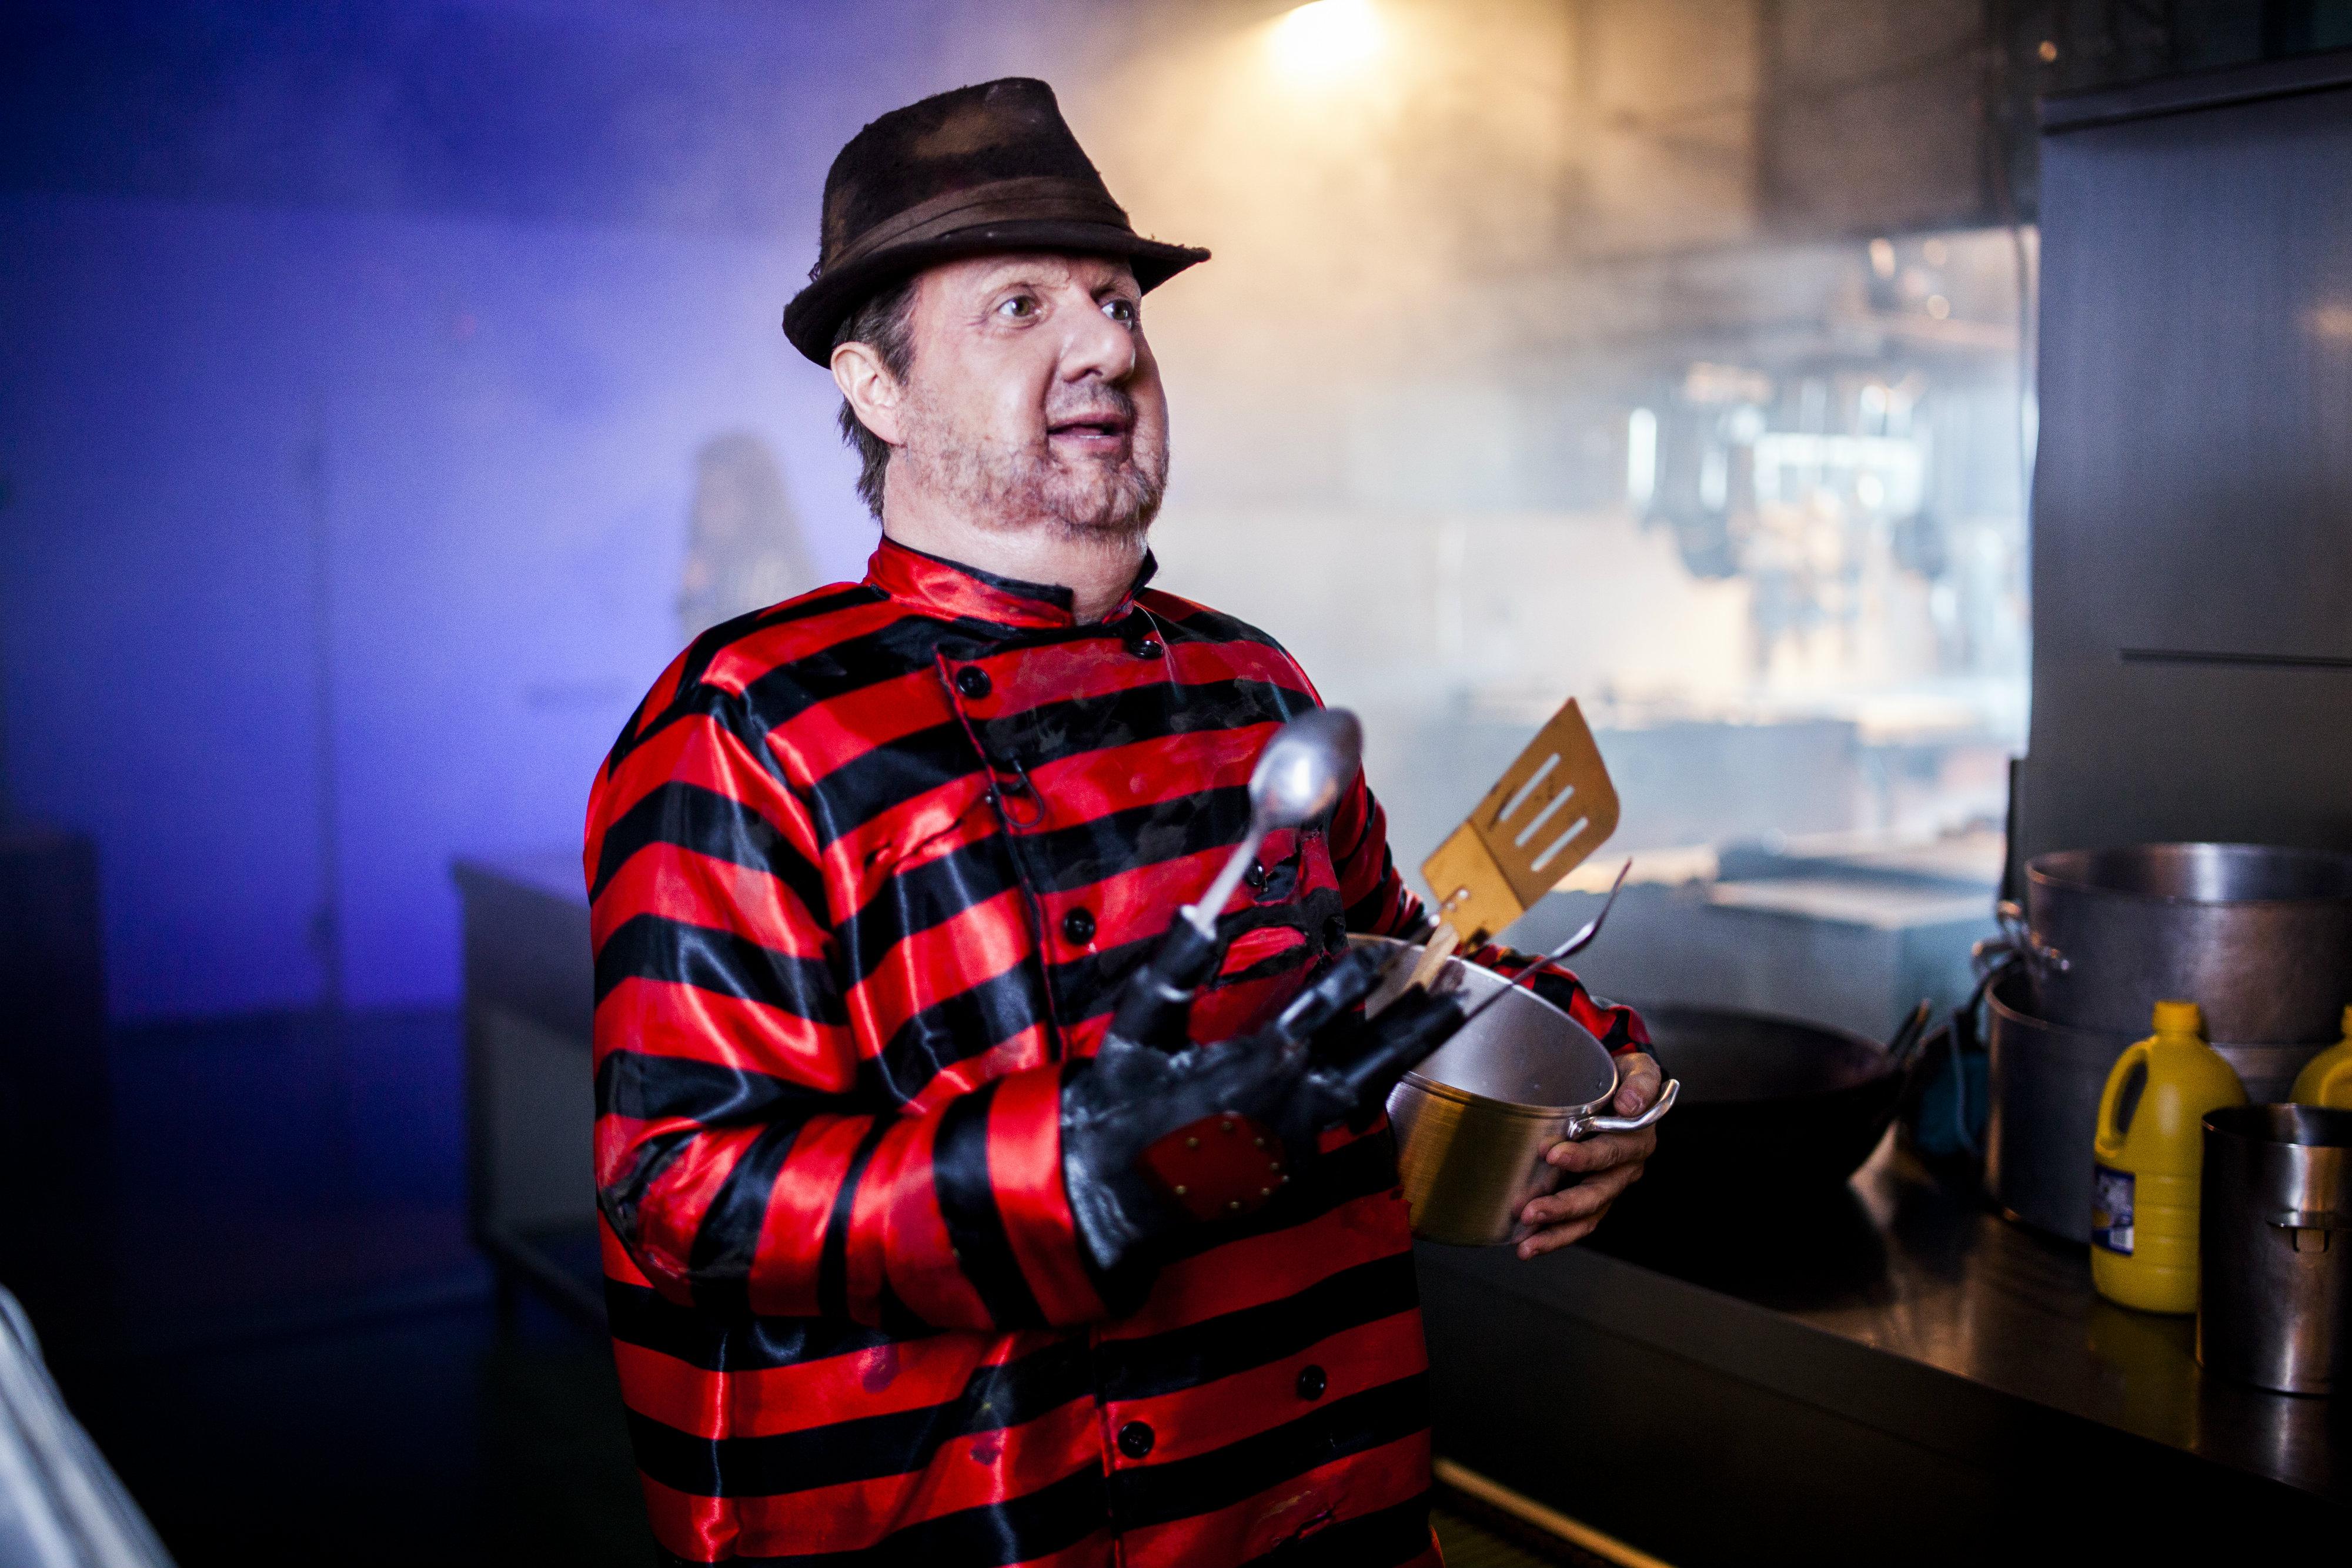 Jos mota presenta 39 pesadilla en la cocina 39 thriller for Pesadilla en la cocina brasas